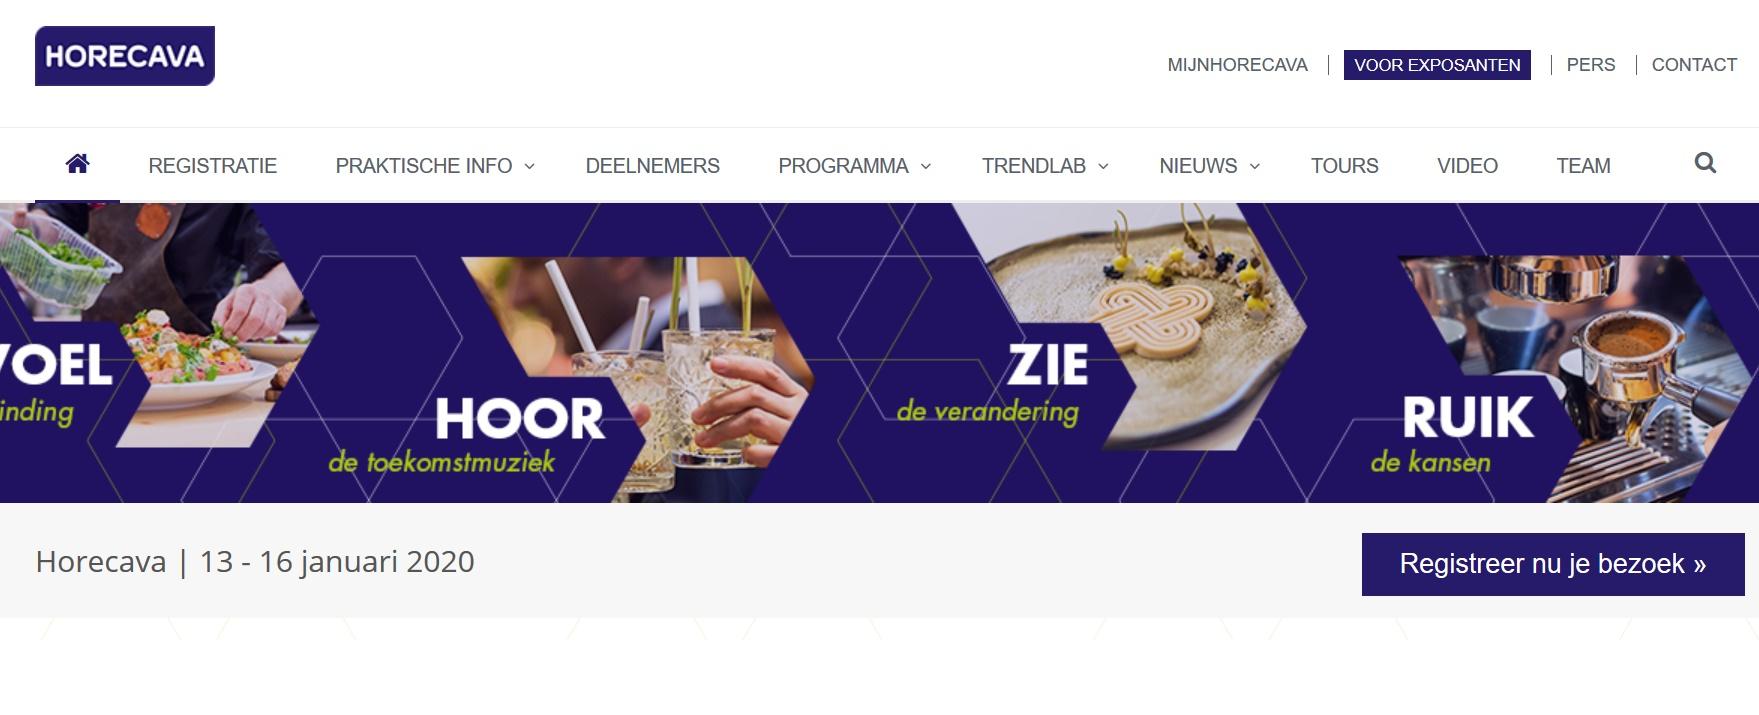 13 t/m 16 januari 2020 Horecava - Amsterdam RAI